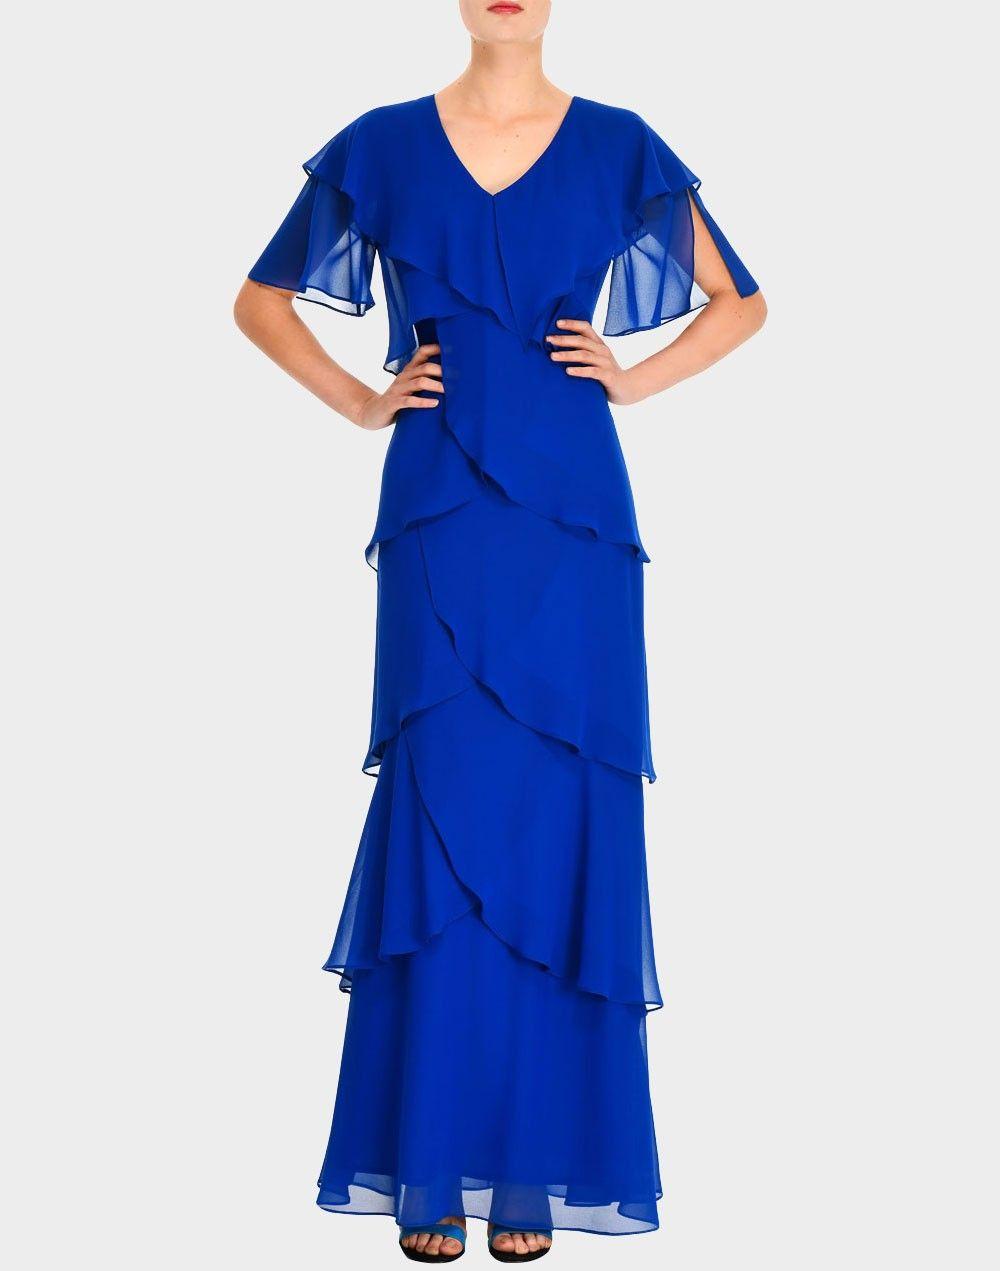 b70be322c Vestido largo de capas cruzadas azul de LAMUSA Woman para INVITADISIMA